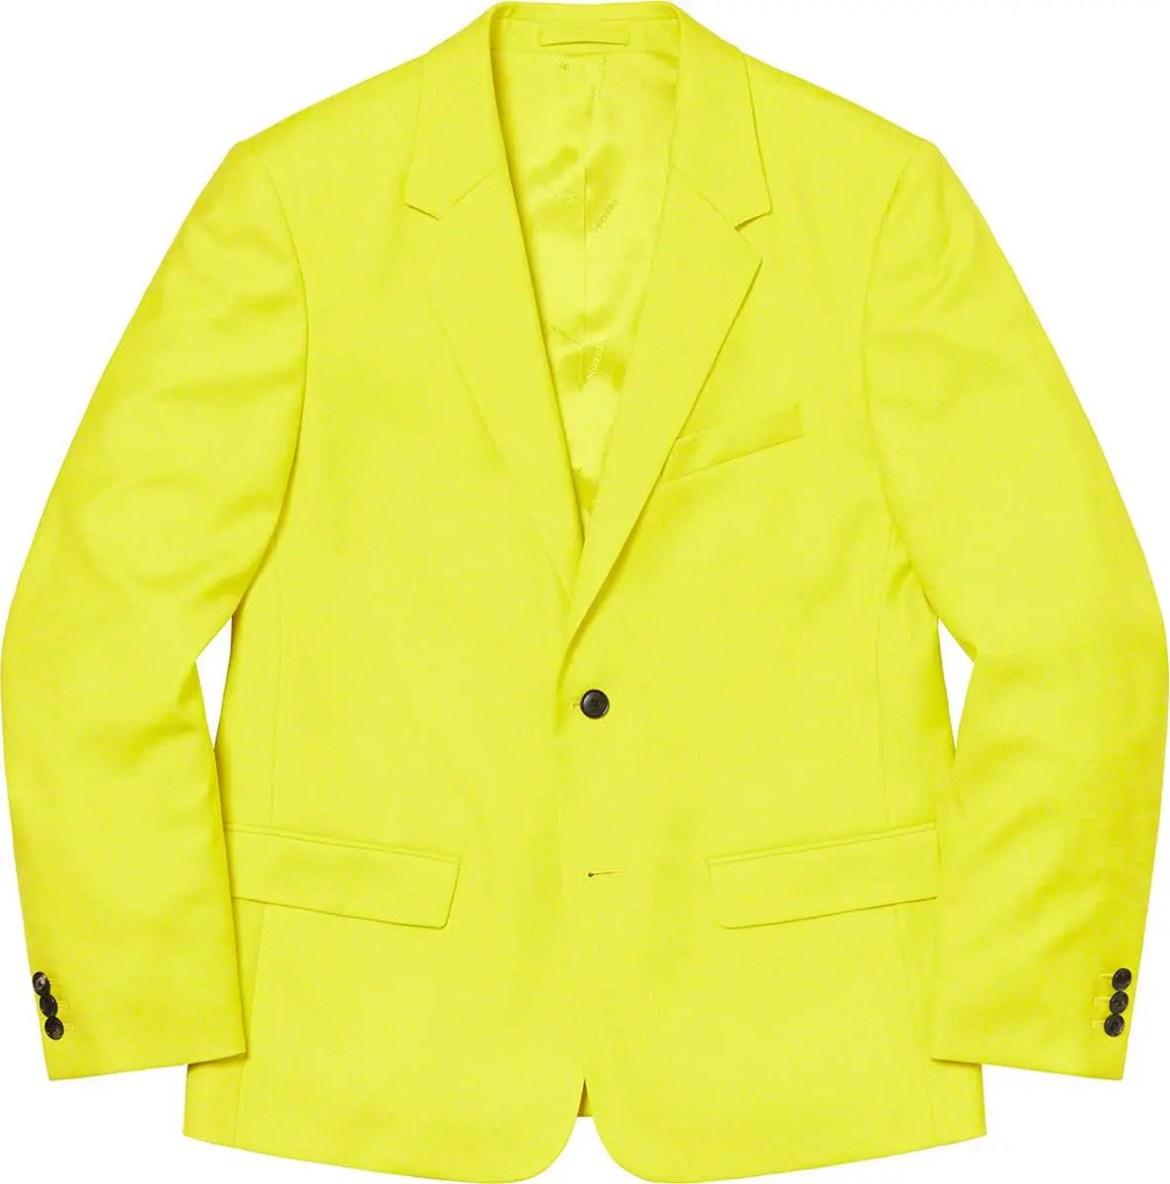 シュプリーム 2021年 春夏 新作 ジャケット Supreme 2021ss jacket 一覧 wool-suit-yellow